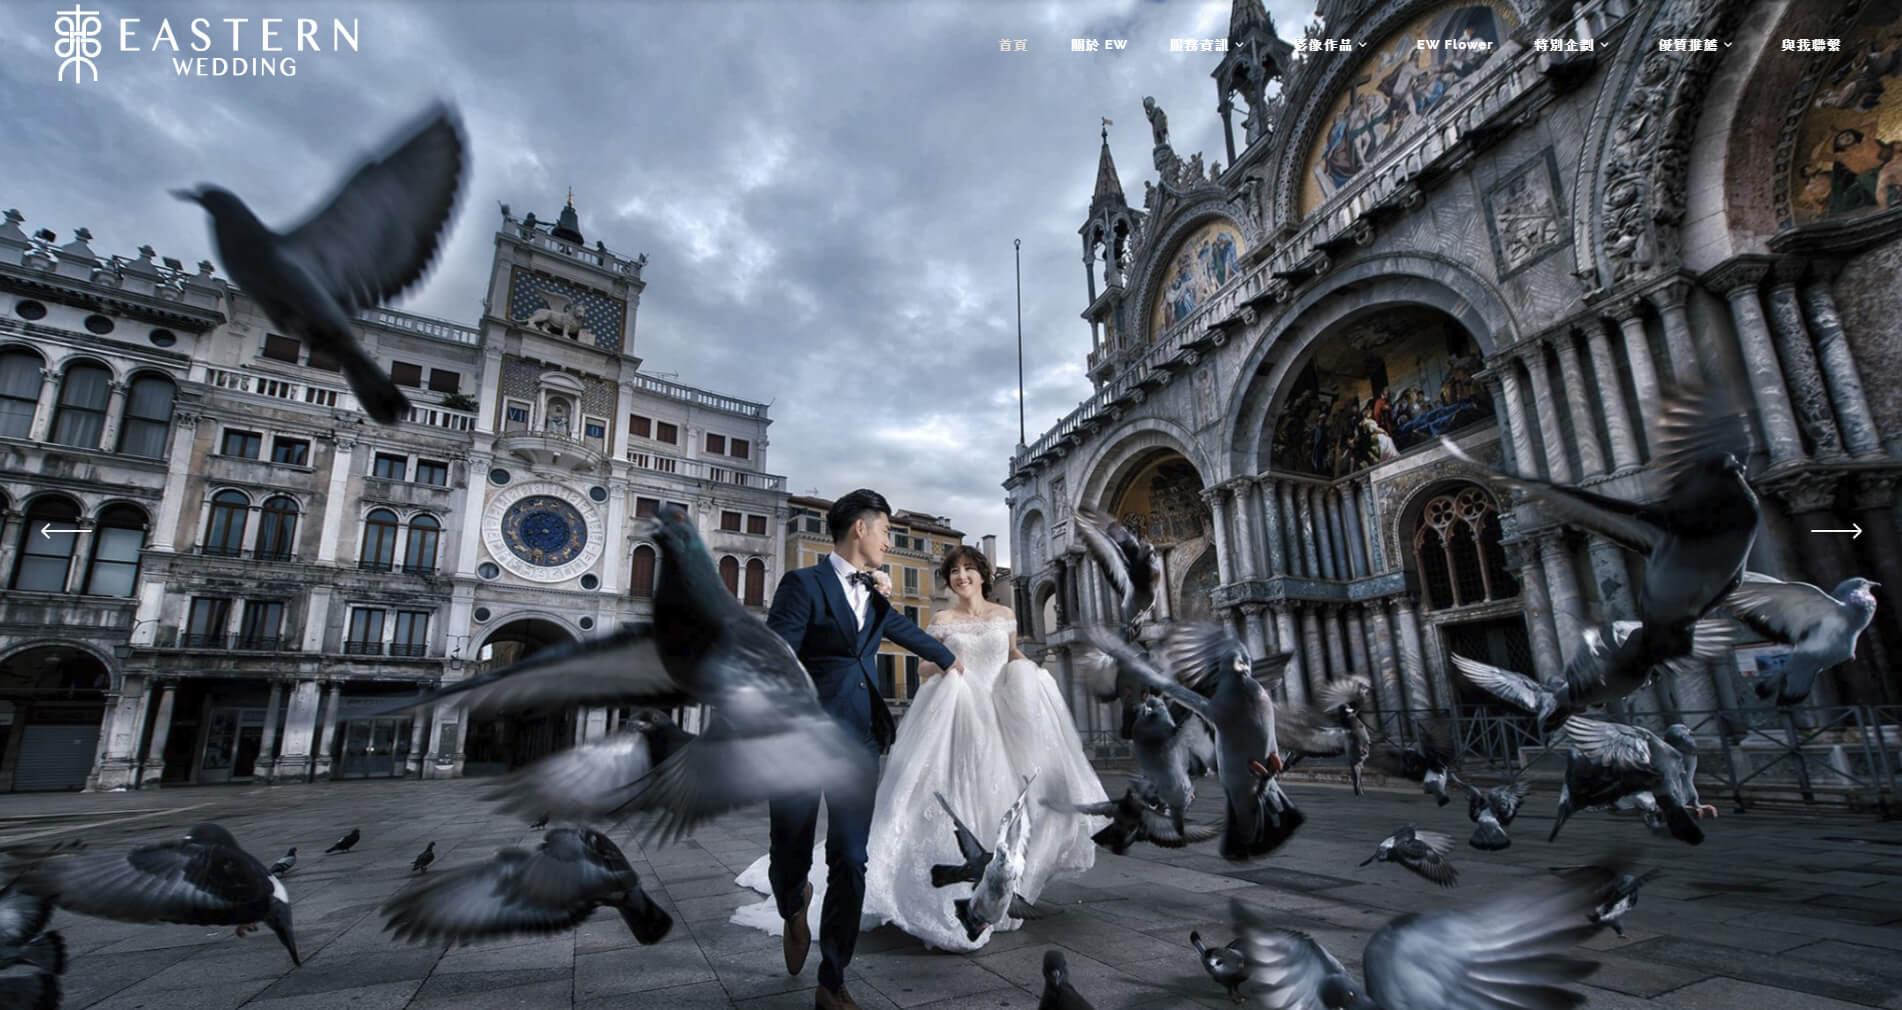 獨角獸工坊 - SEO 優化 | 網站設計 | 網站架設 EasternWed 東方婚禮